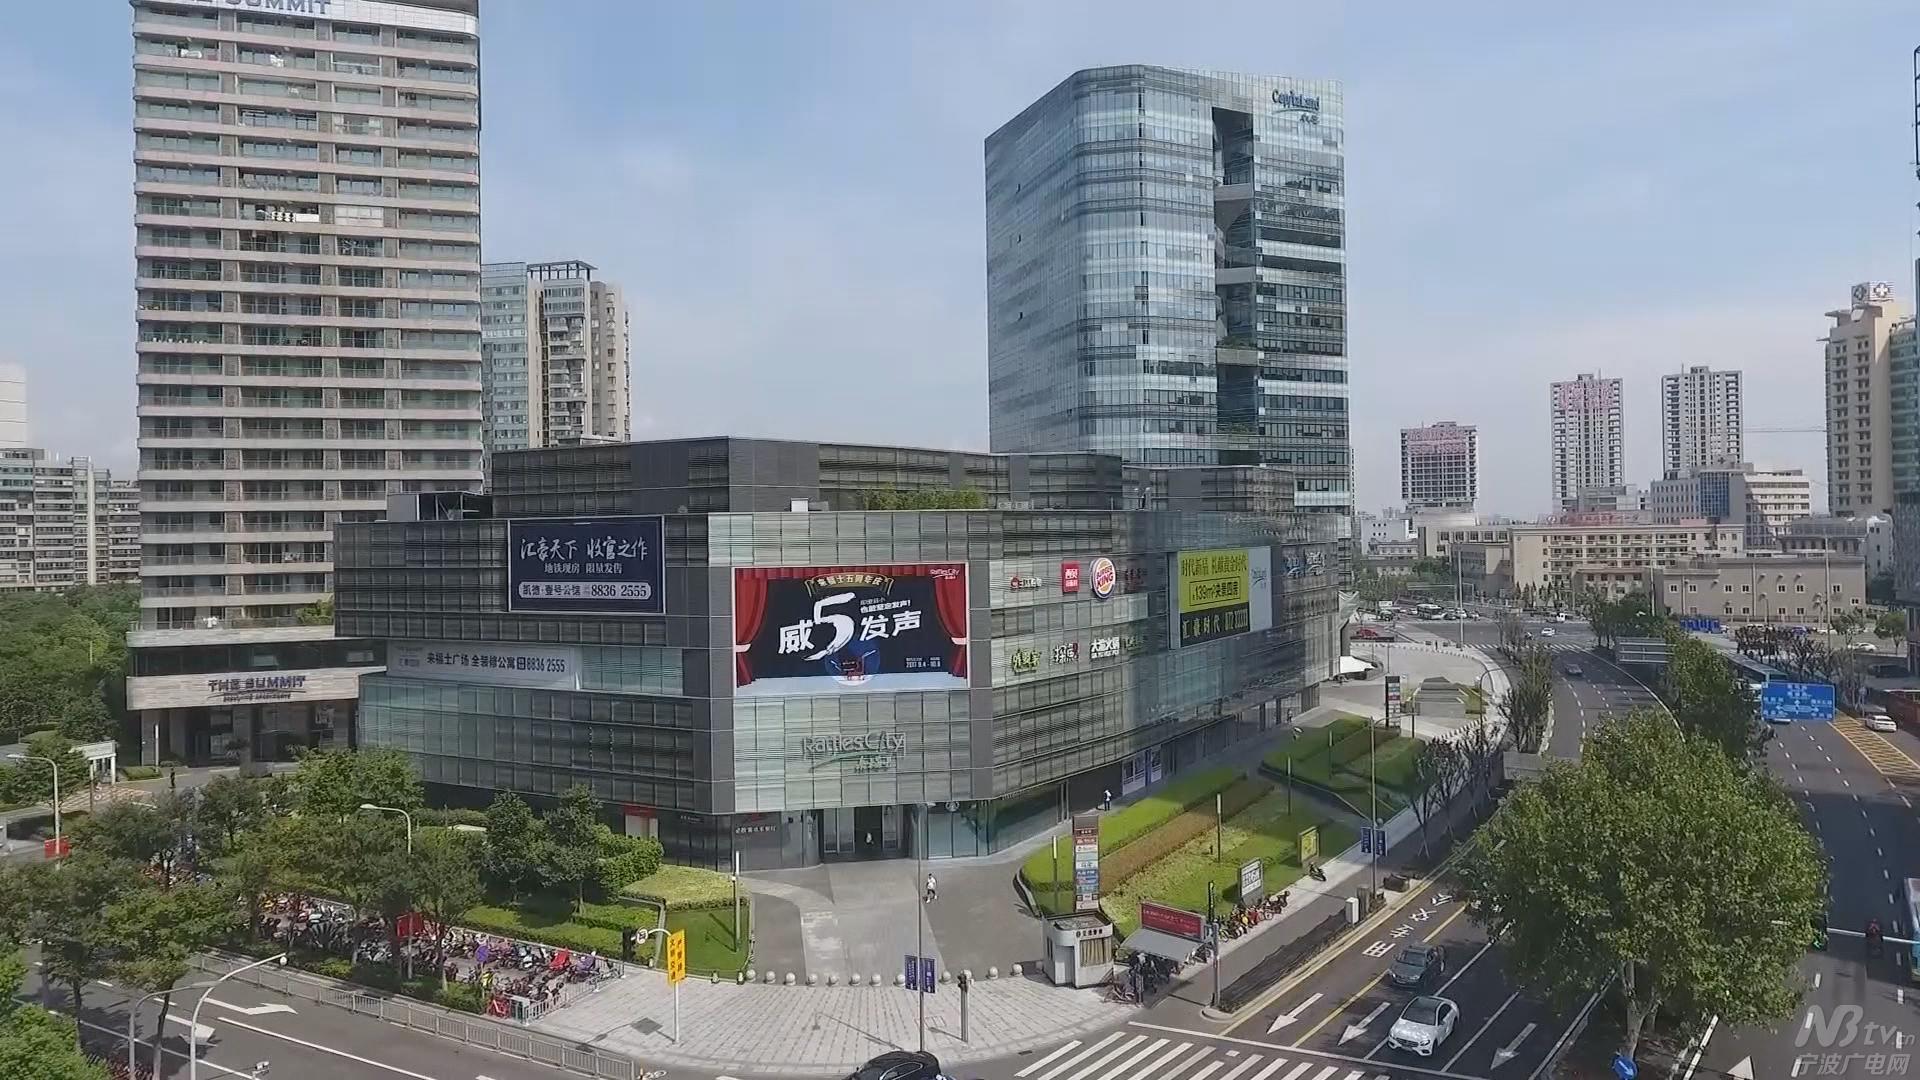 来福士广场: 五年构筑宁波商业品质新高地